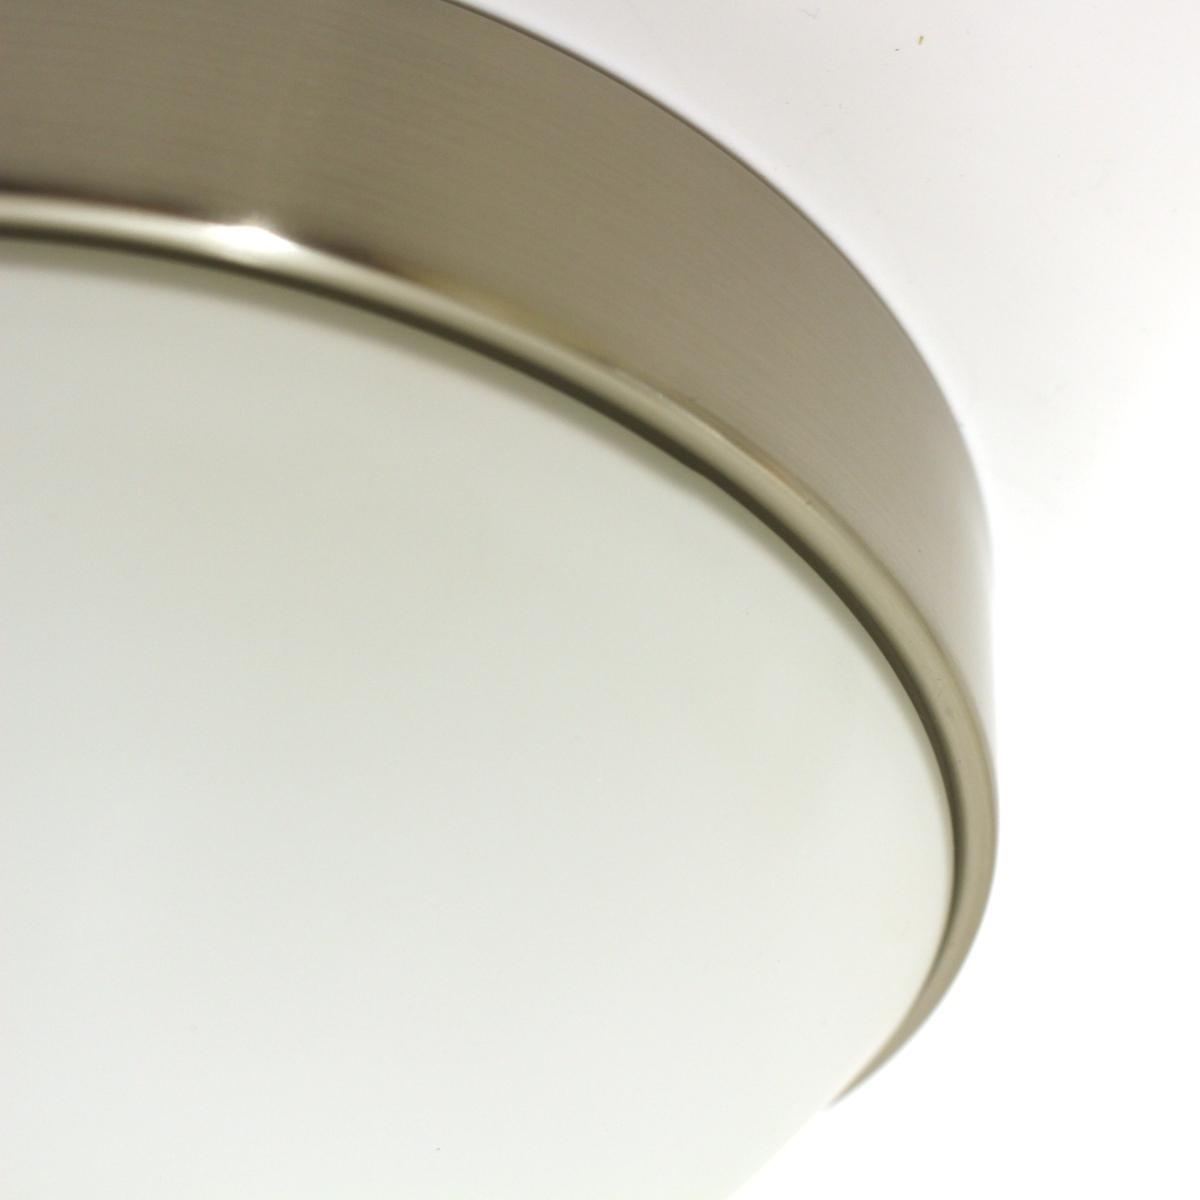 Lampenlux Deckenlampe Deckenleuchte Forbus Ø 19 cm mit Opalglas und Bajonettverschluss G9 40W 230V